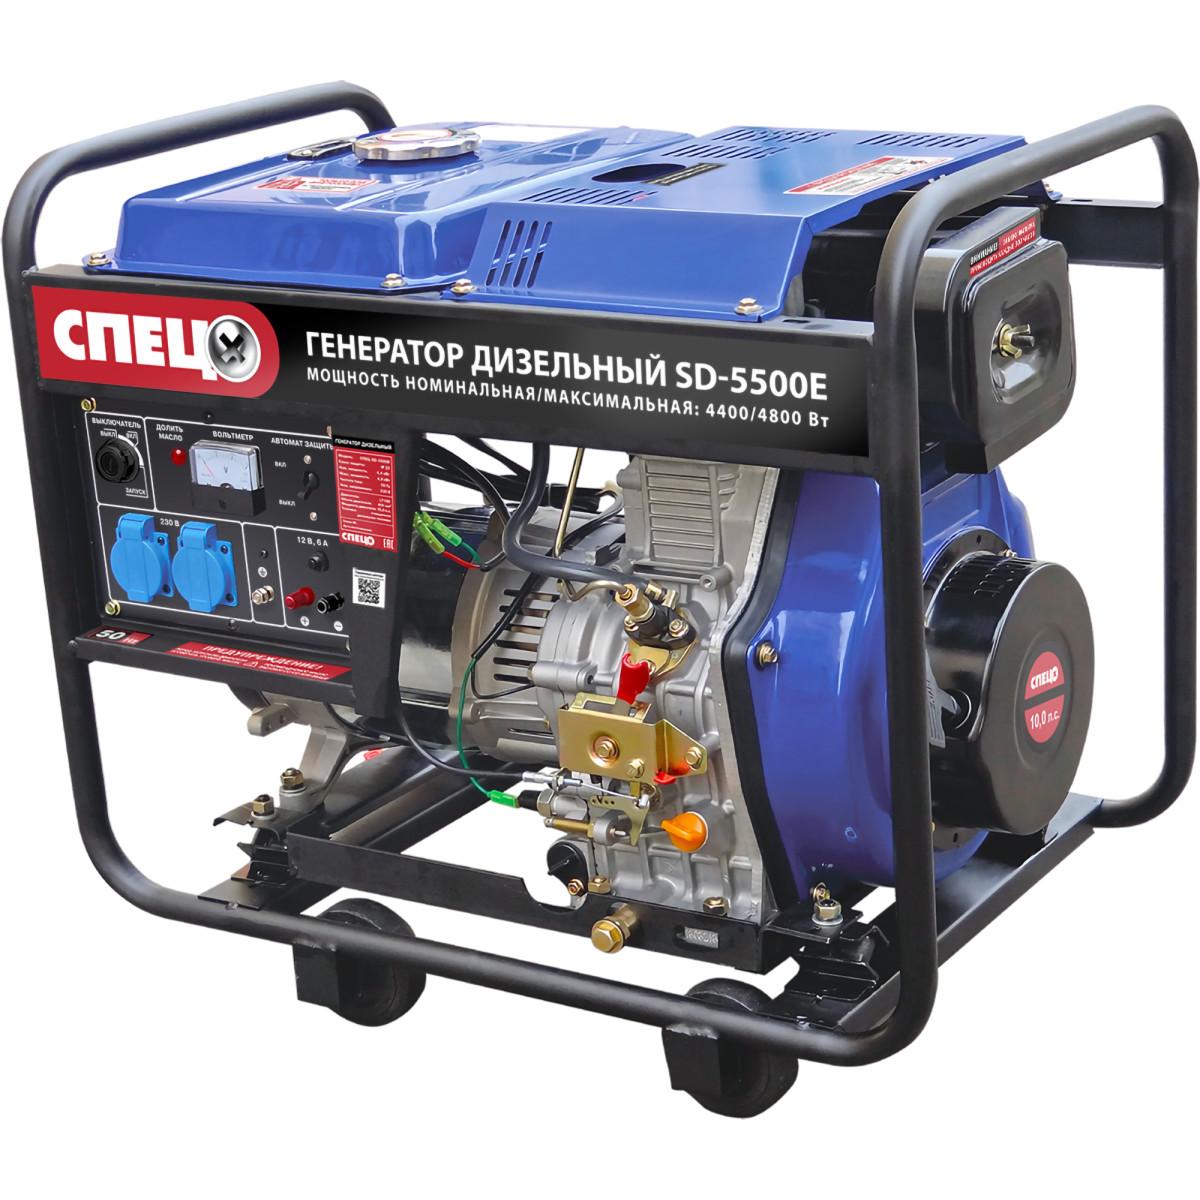 Генератор дизельный Спец SD-5500Е 4.8 кВт